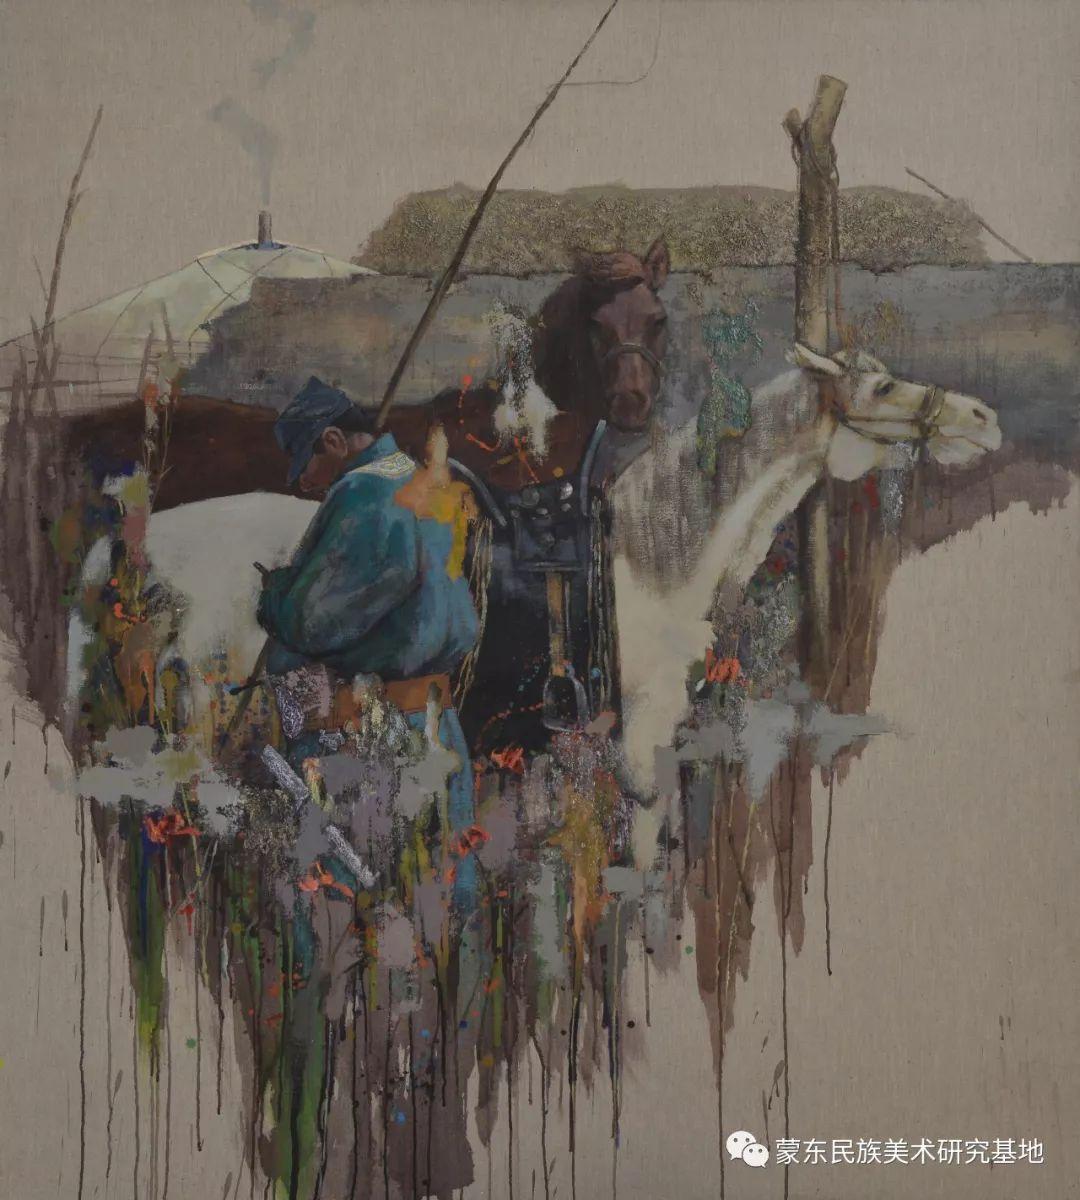 铁钢油画作品 第13张 铁钢油画作品 蒙古画廊